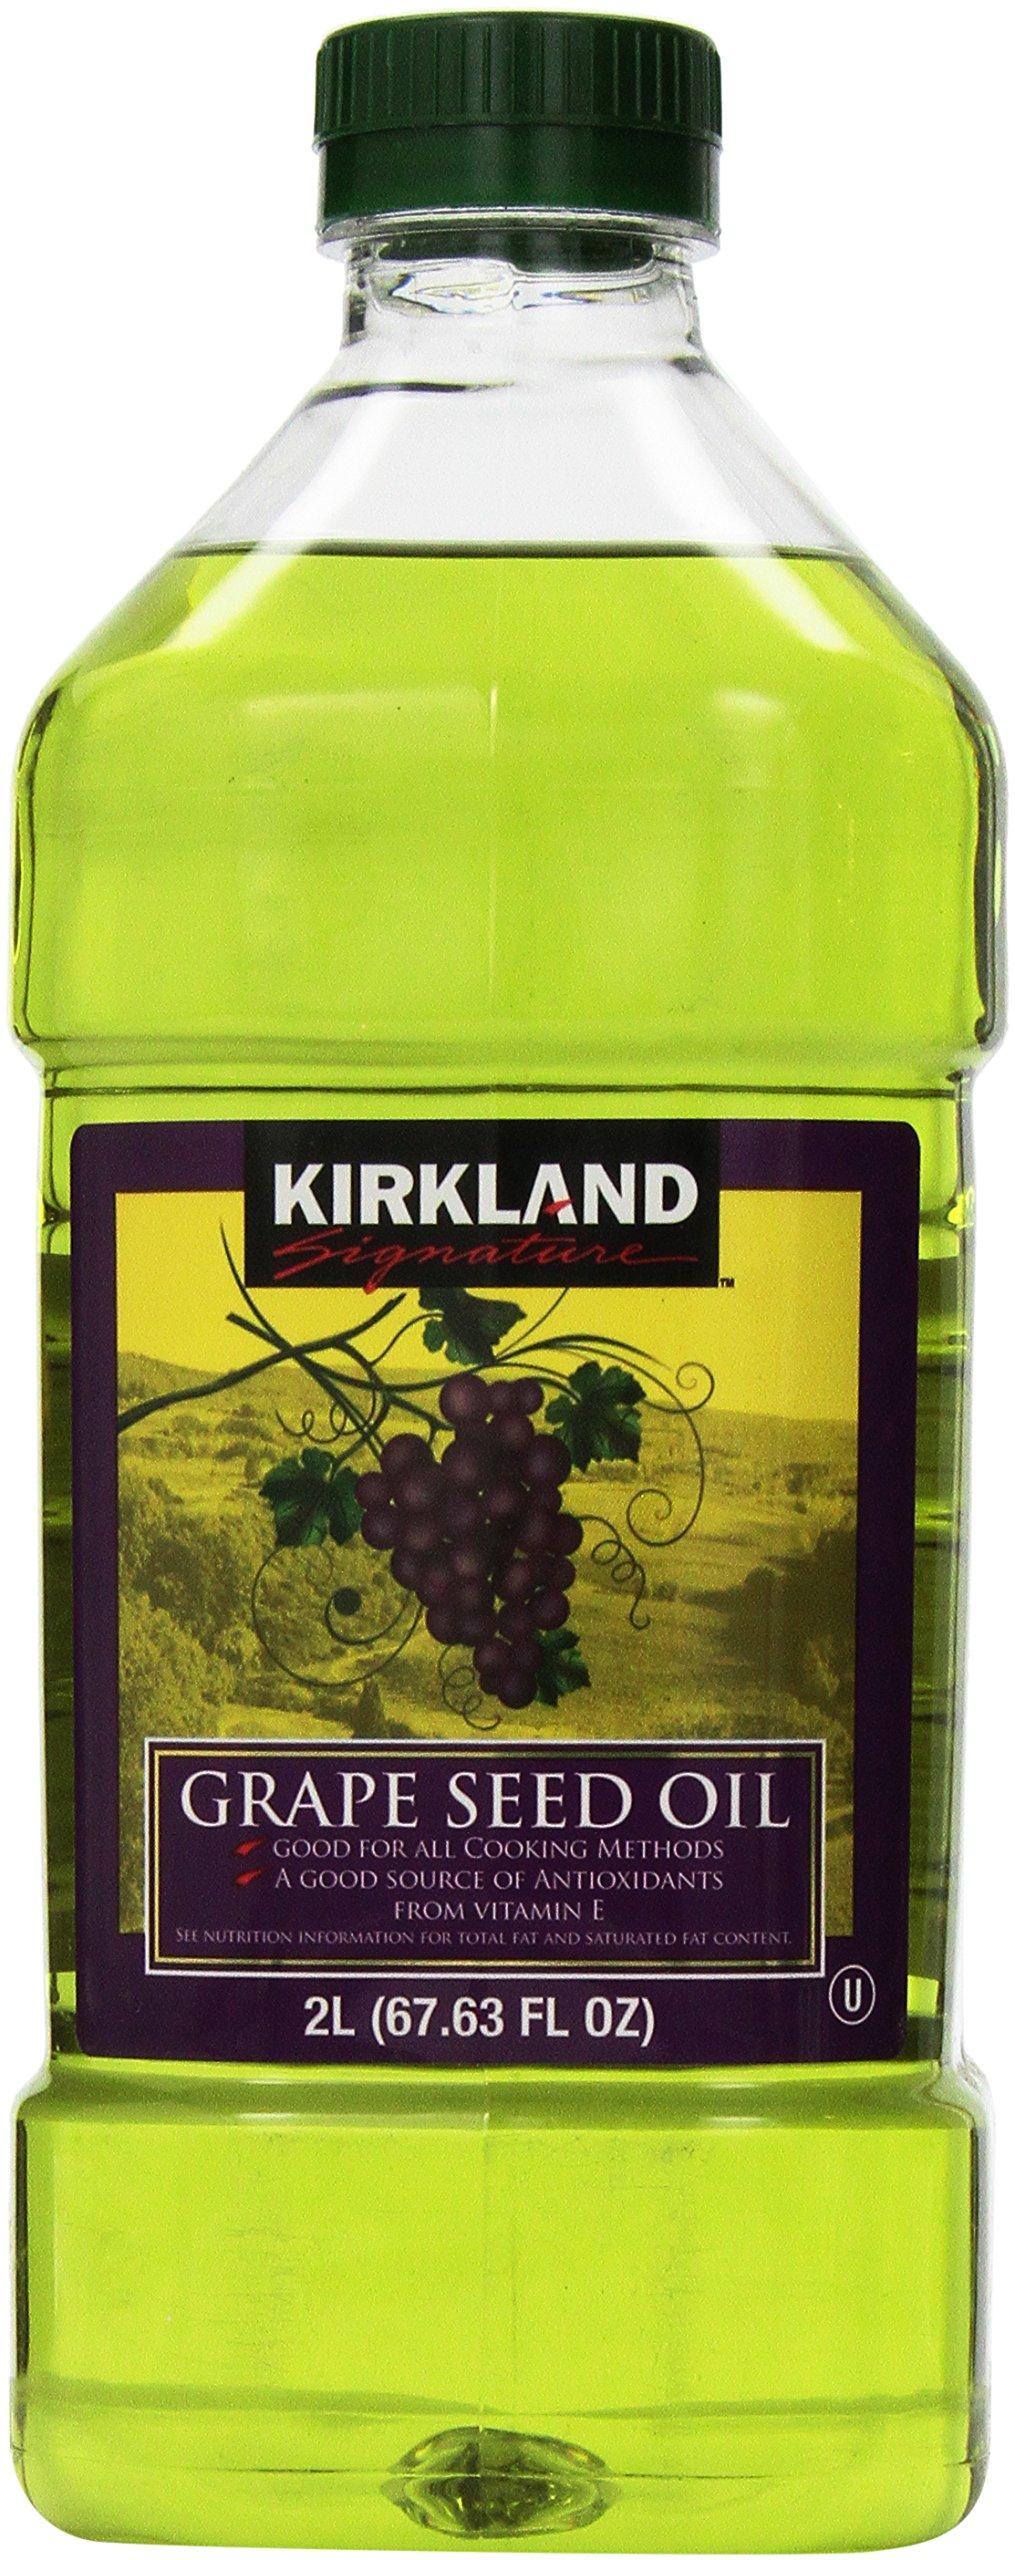 Kirkland Signature Grape Seed Oil